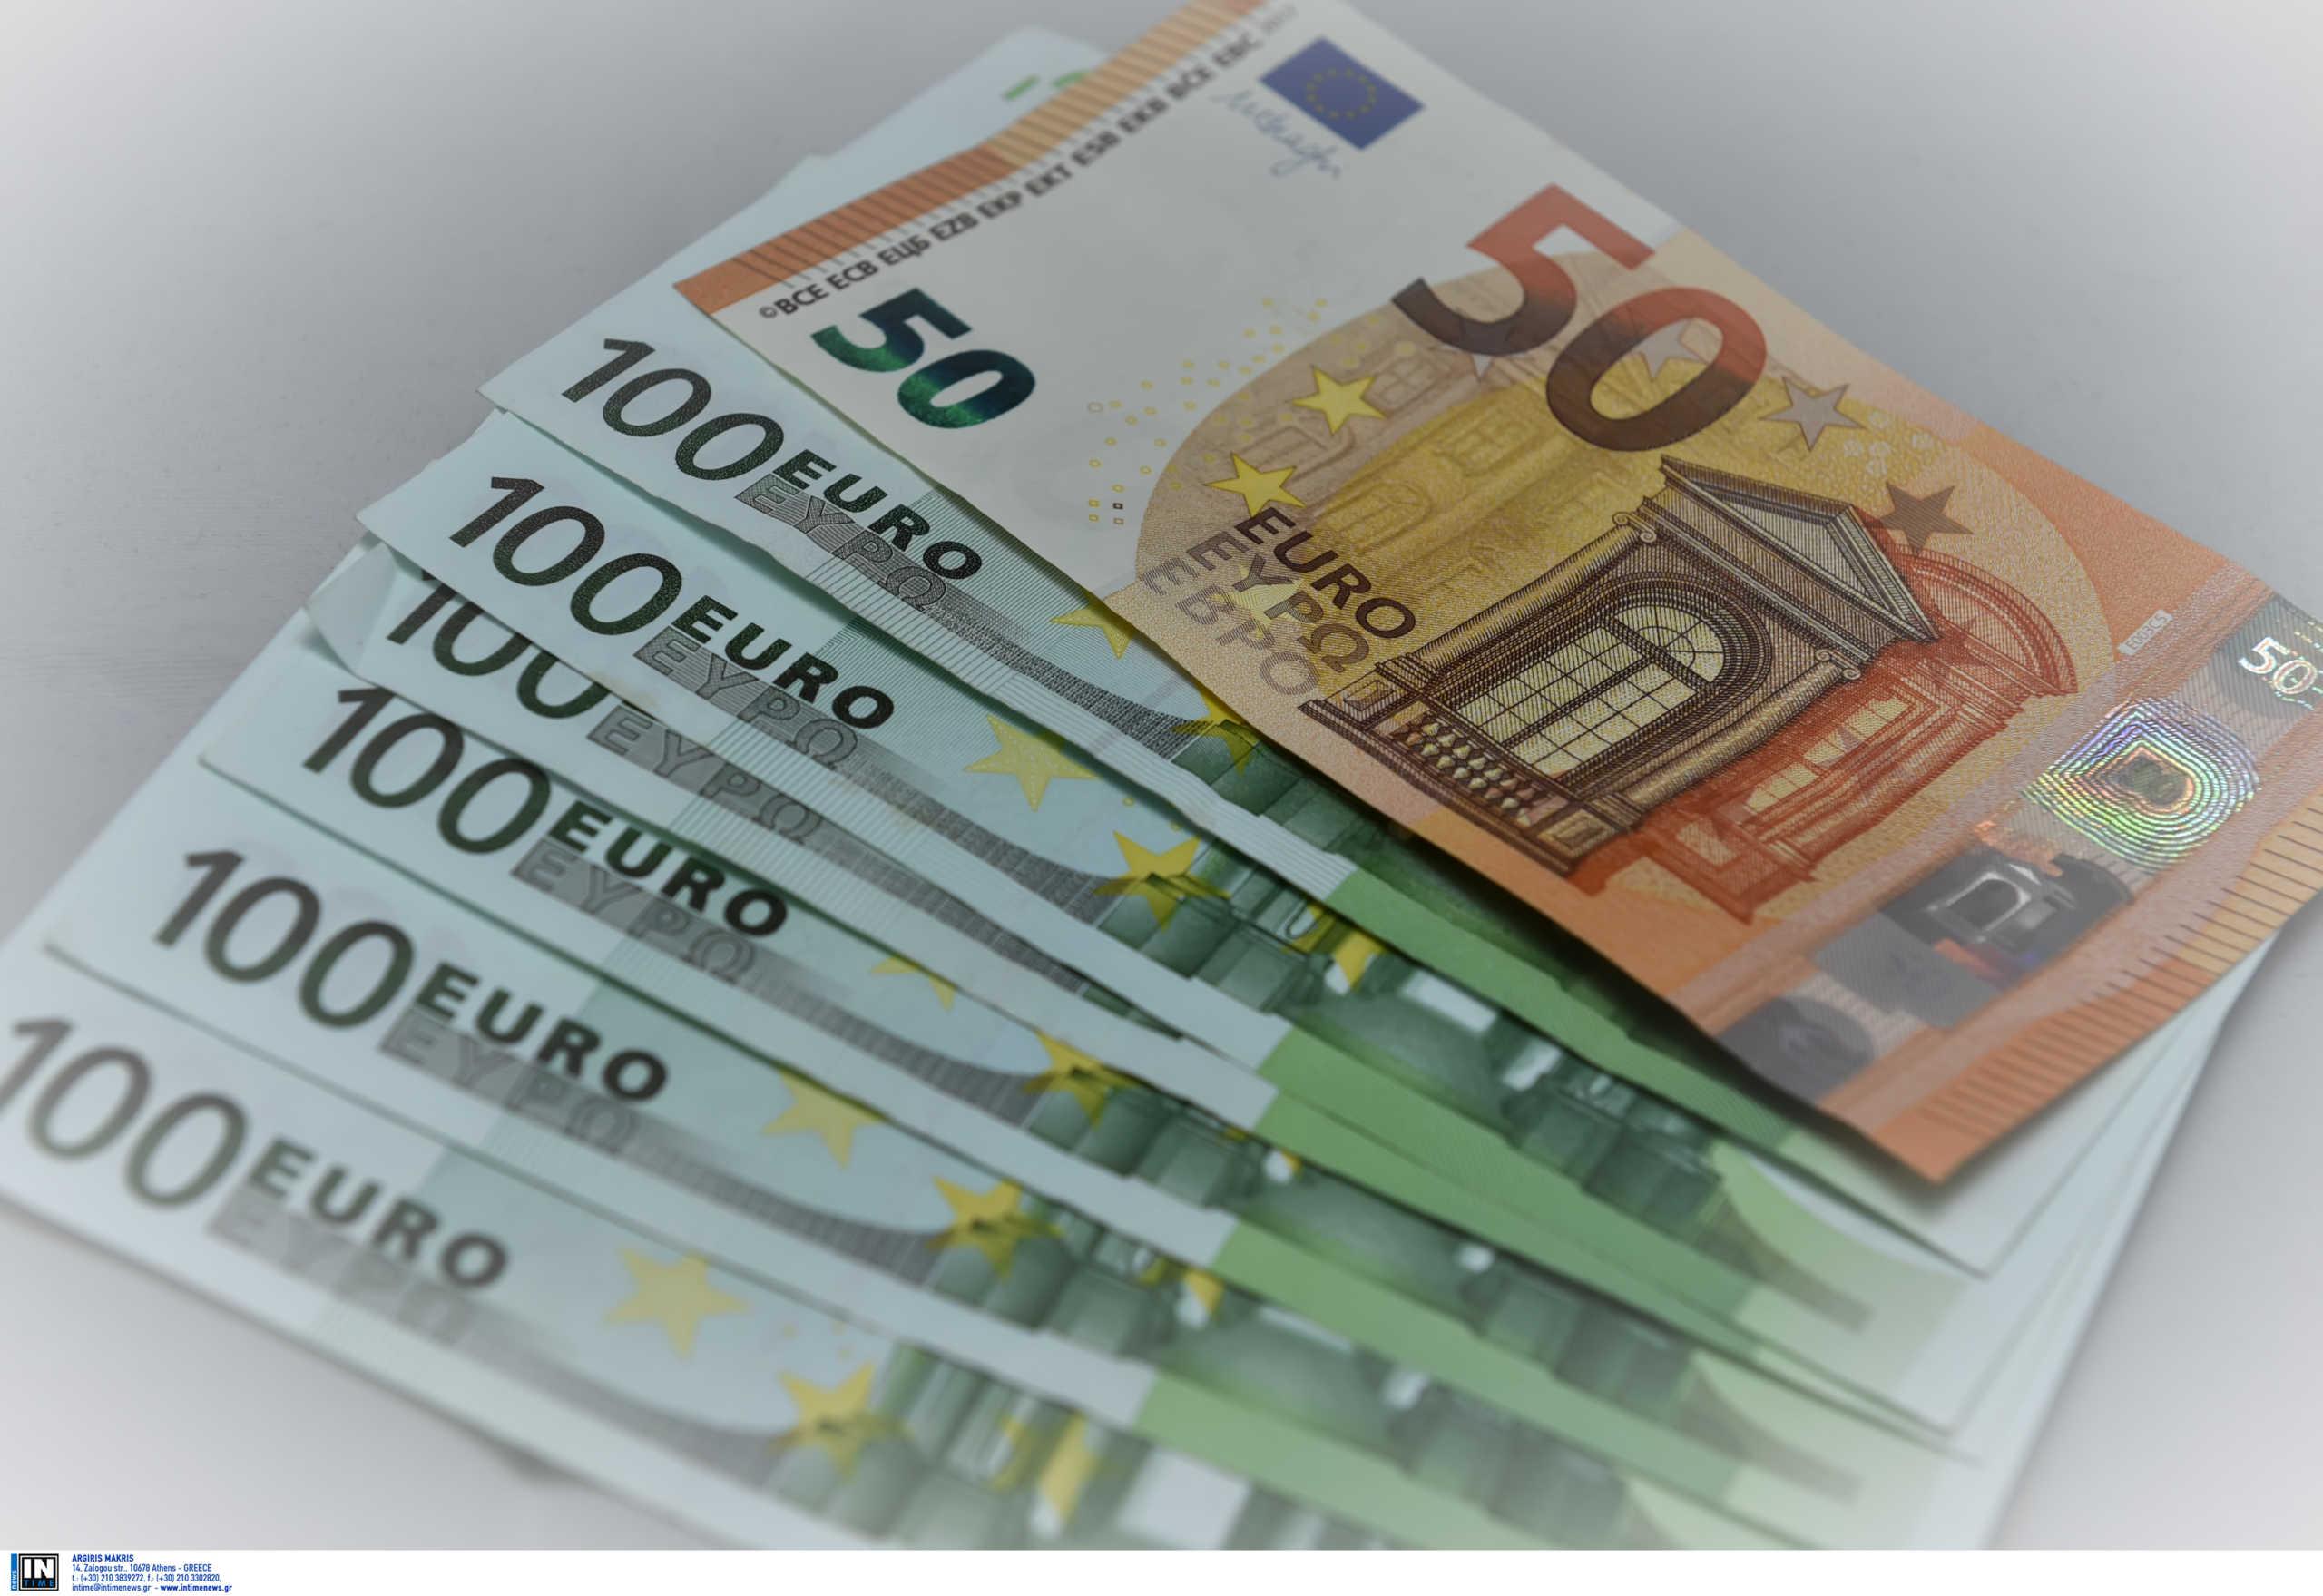 Άρτα: Έδωσε 662 ευρώ για κινητό τηλέφωνο και πολύ γρήγορα κατάλαβε το λάθος του! Η καταγγελία που προβλημάτισε